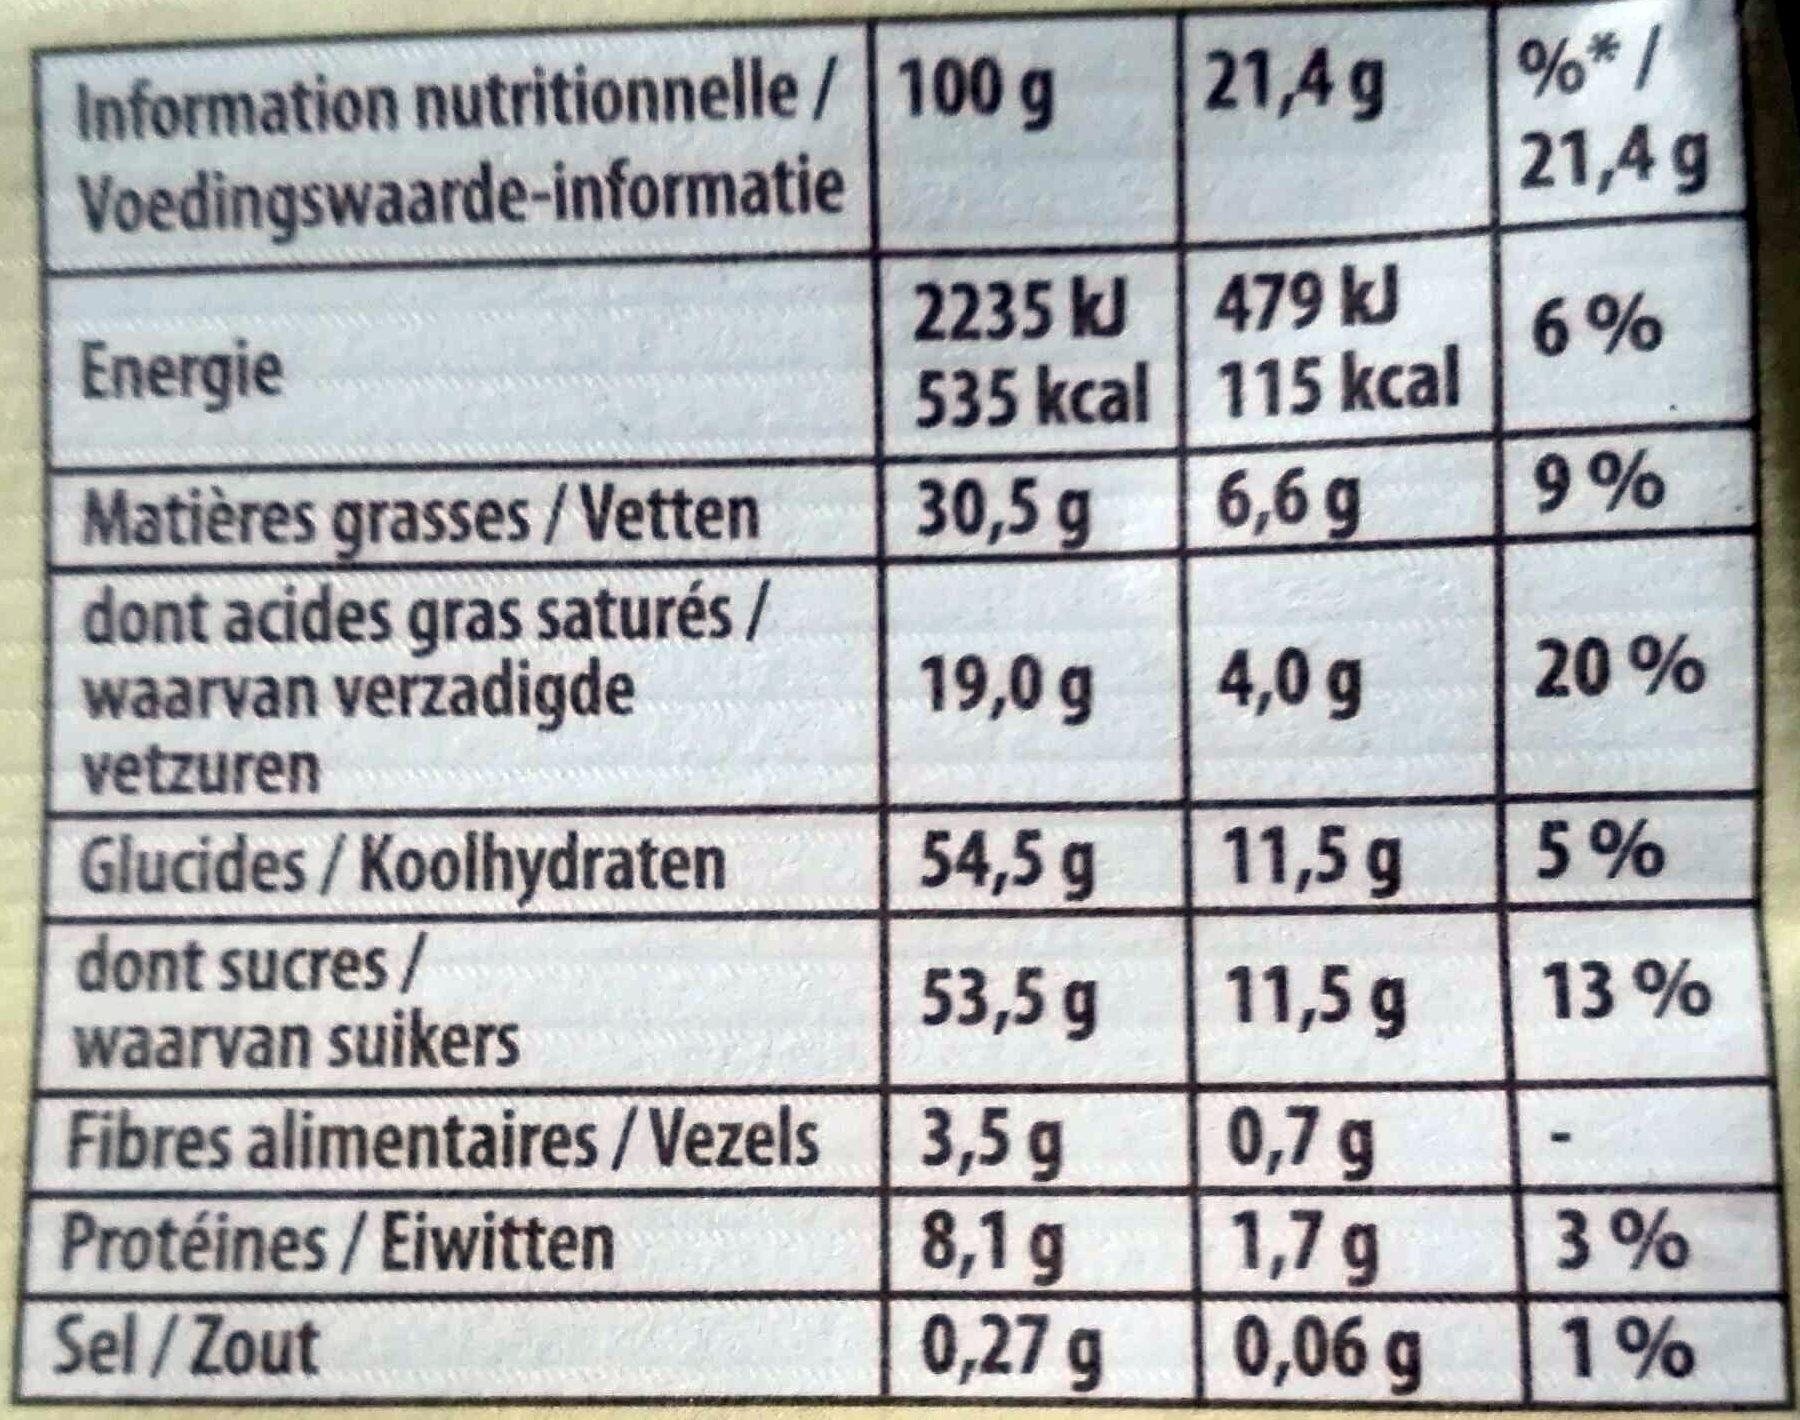 Côte d'Or Lait (33% de cacao) - Nutrition facts